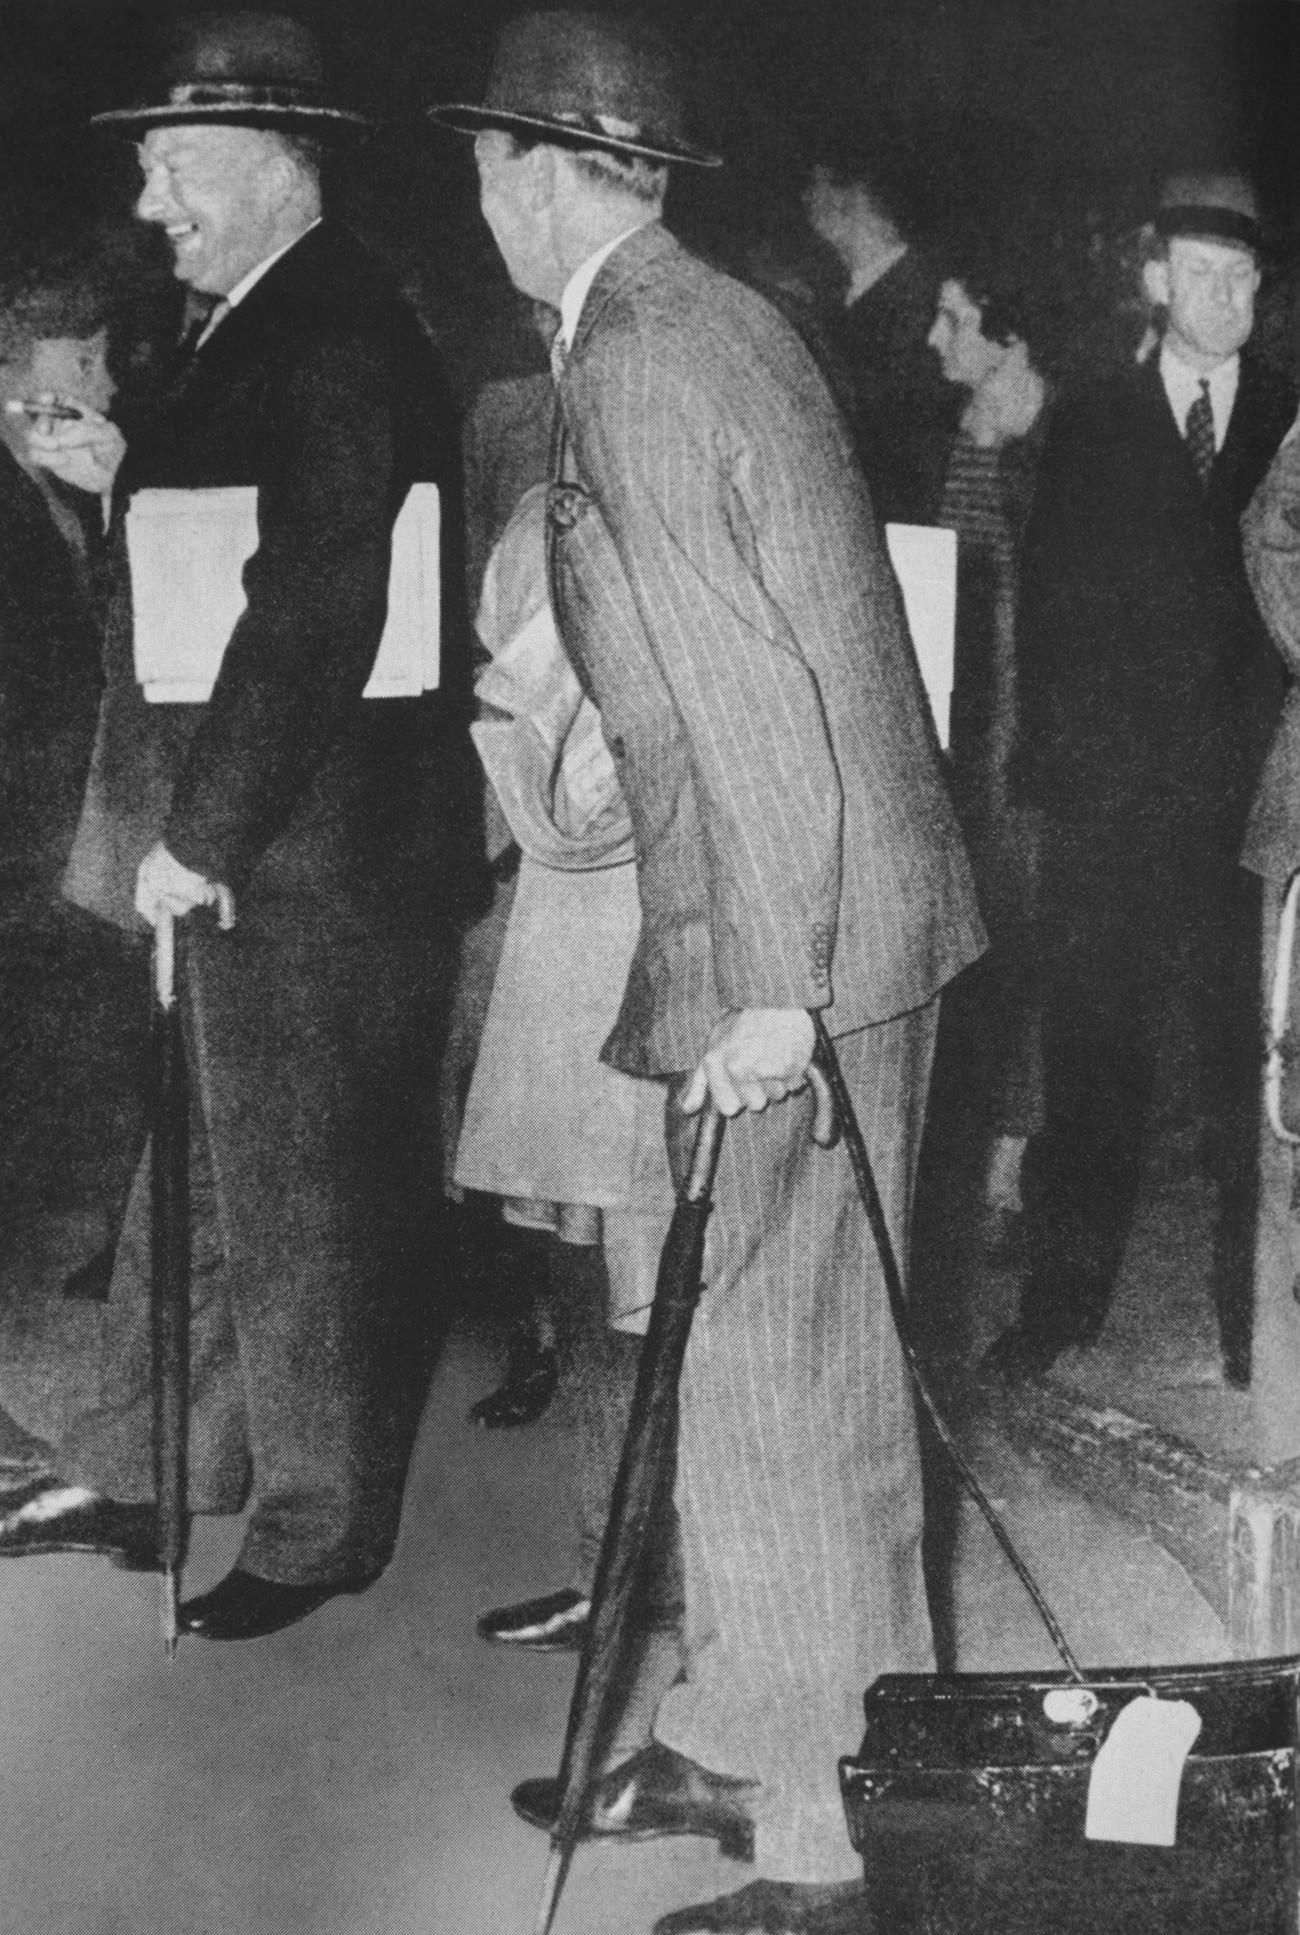 Почетком августа 1939. године у Москву су допутовале енглеска и француска војна мисија ради преговора са Совјетским Савезом. На фотографији су адмирал Реџиналд Дракс и генерал Жозеф Думанк.